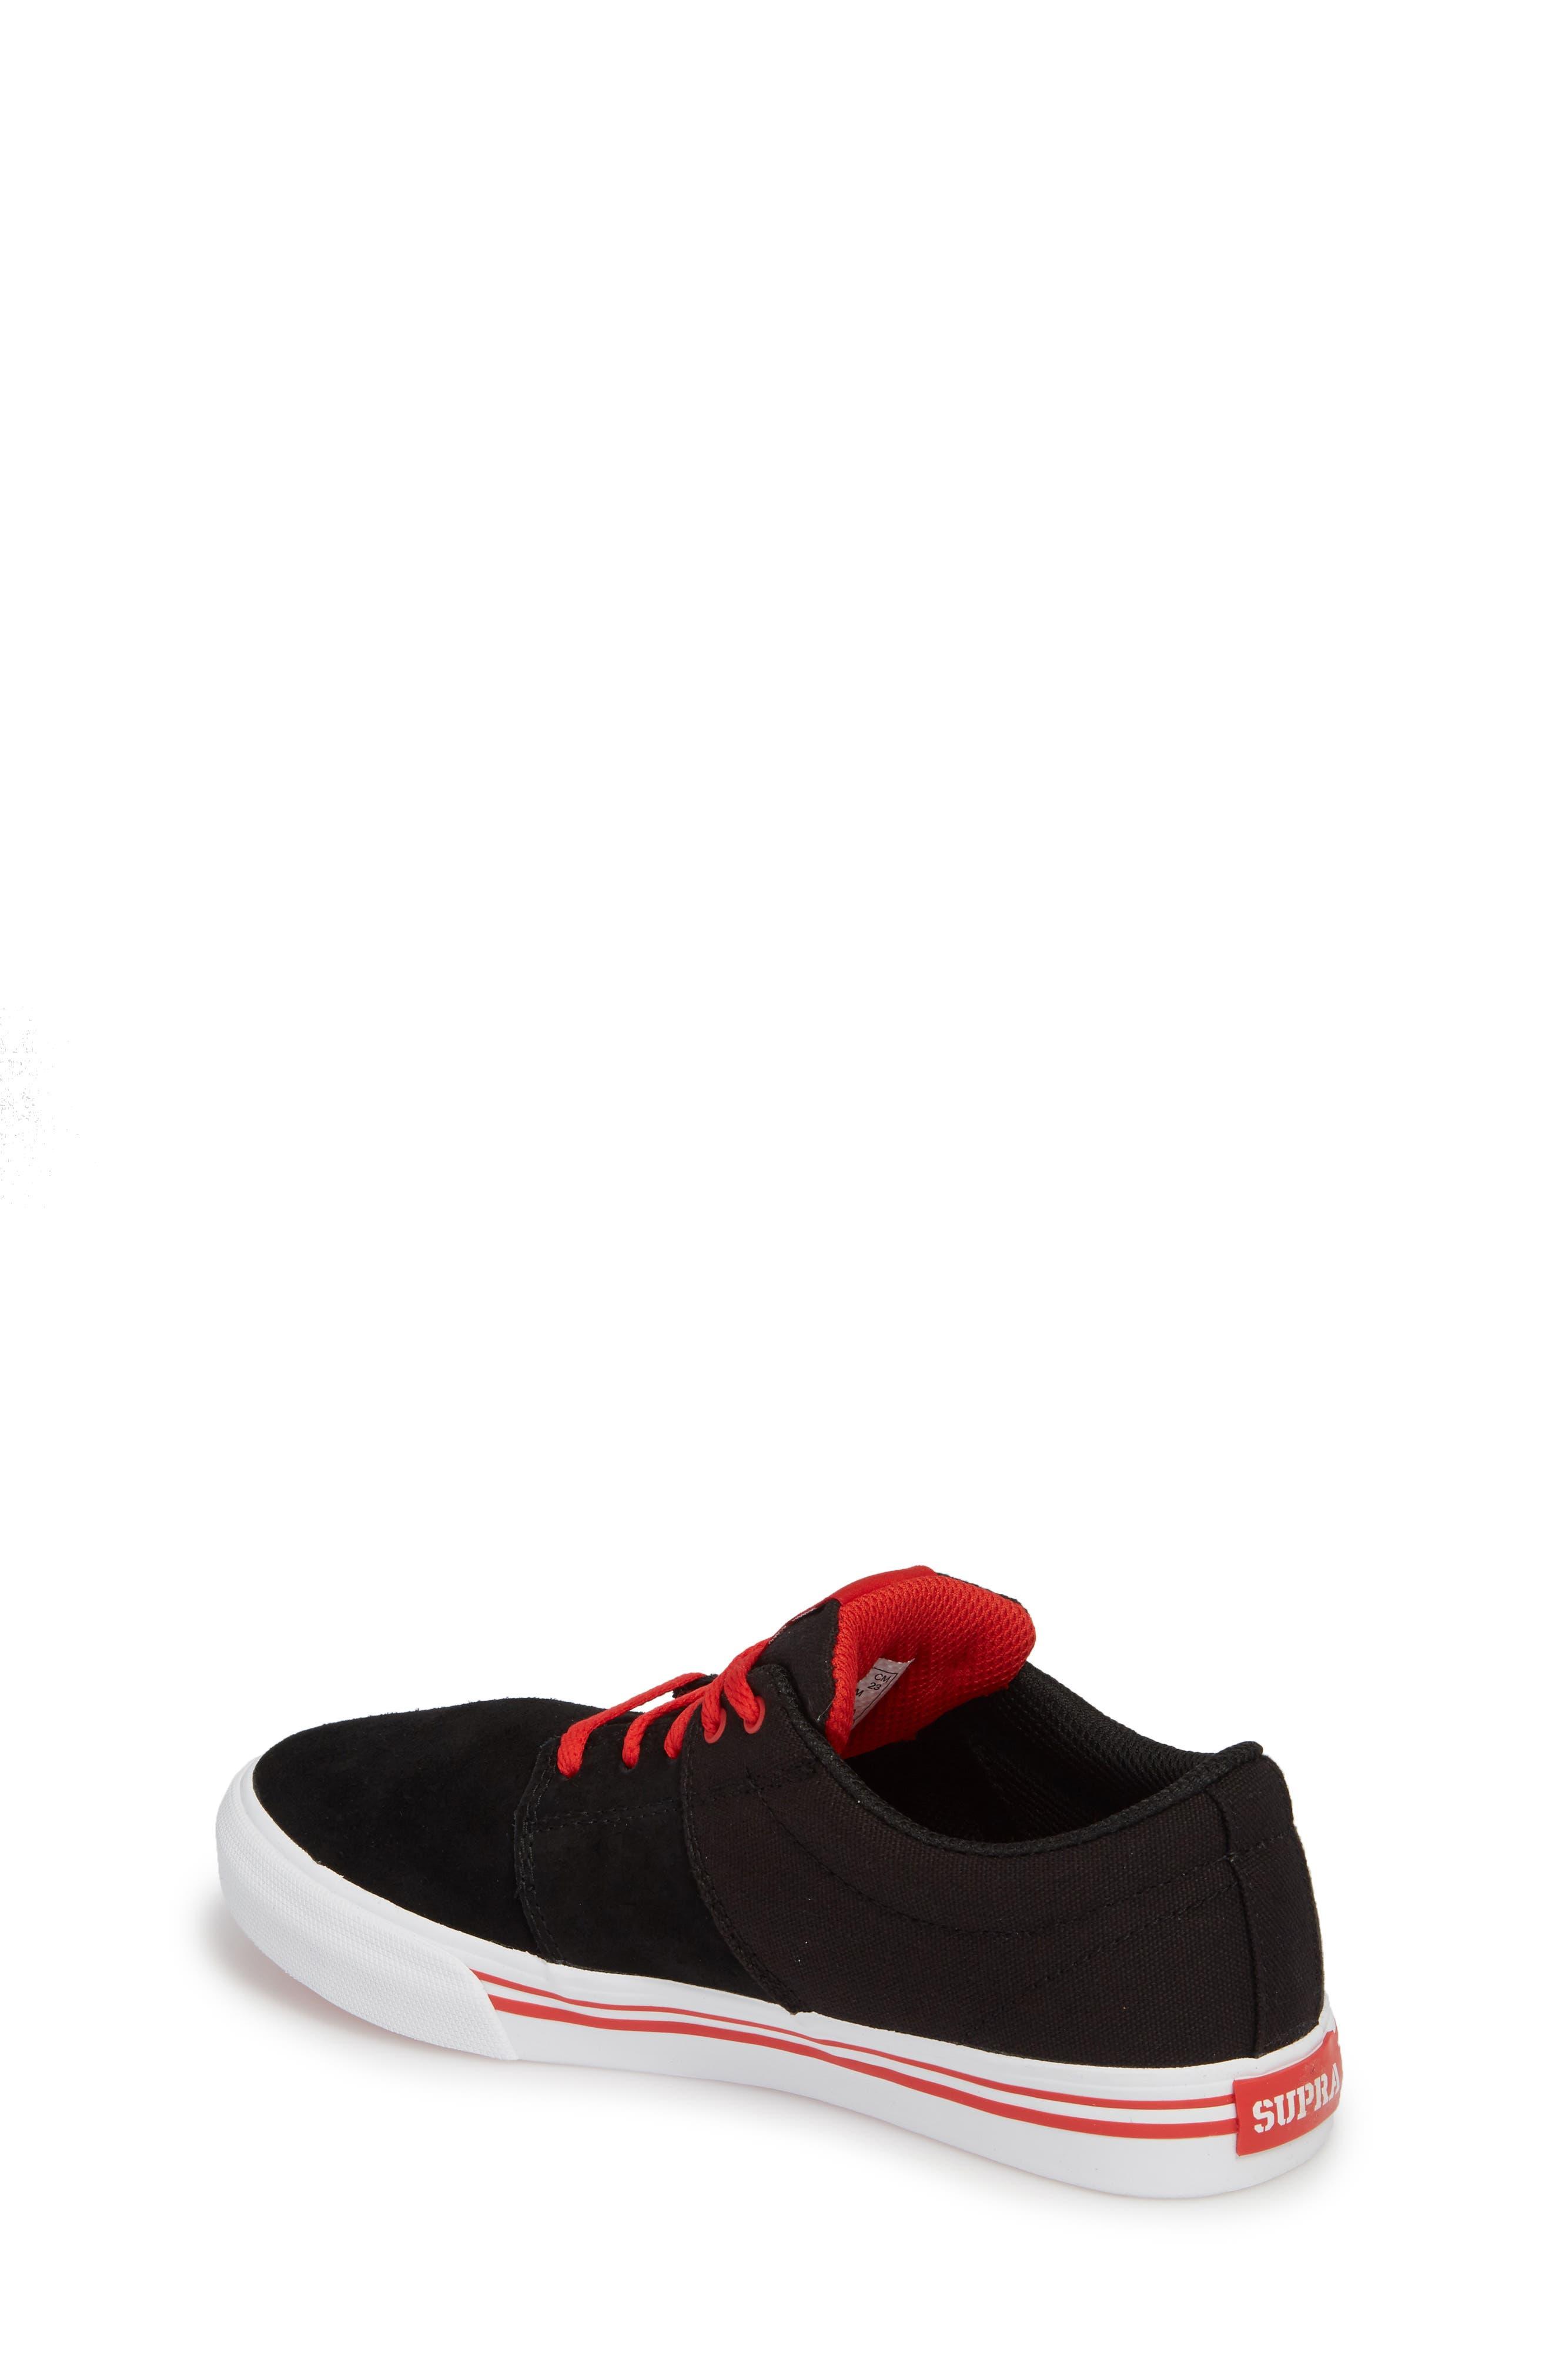 'Stacks Vulc II' Low Top Sneaker,                             Alternate thumbnail 2, color,                             002